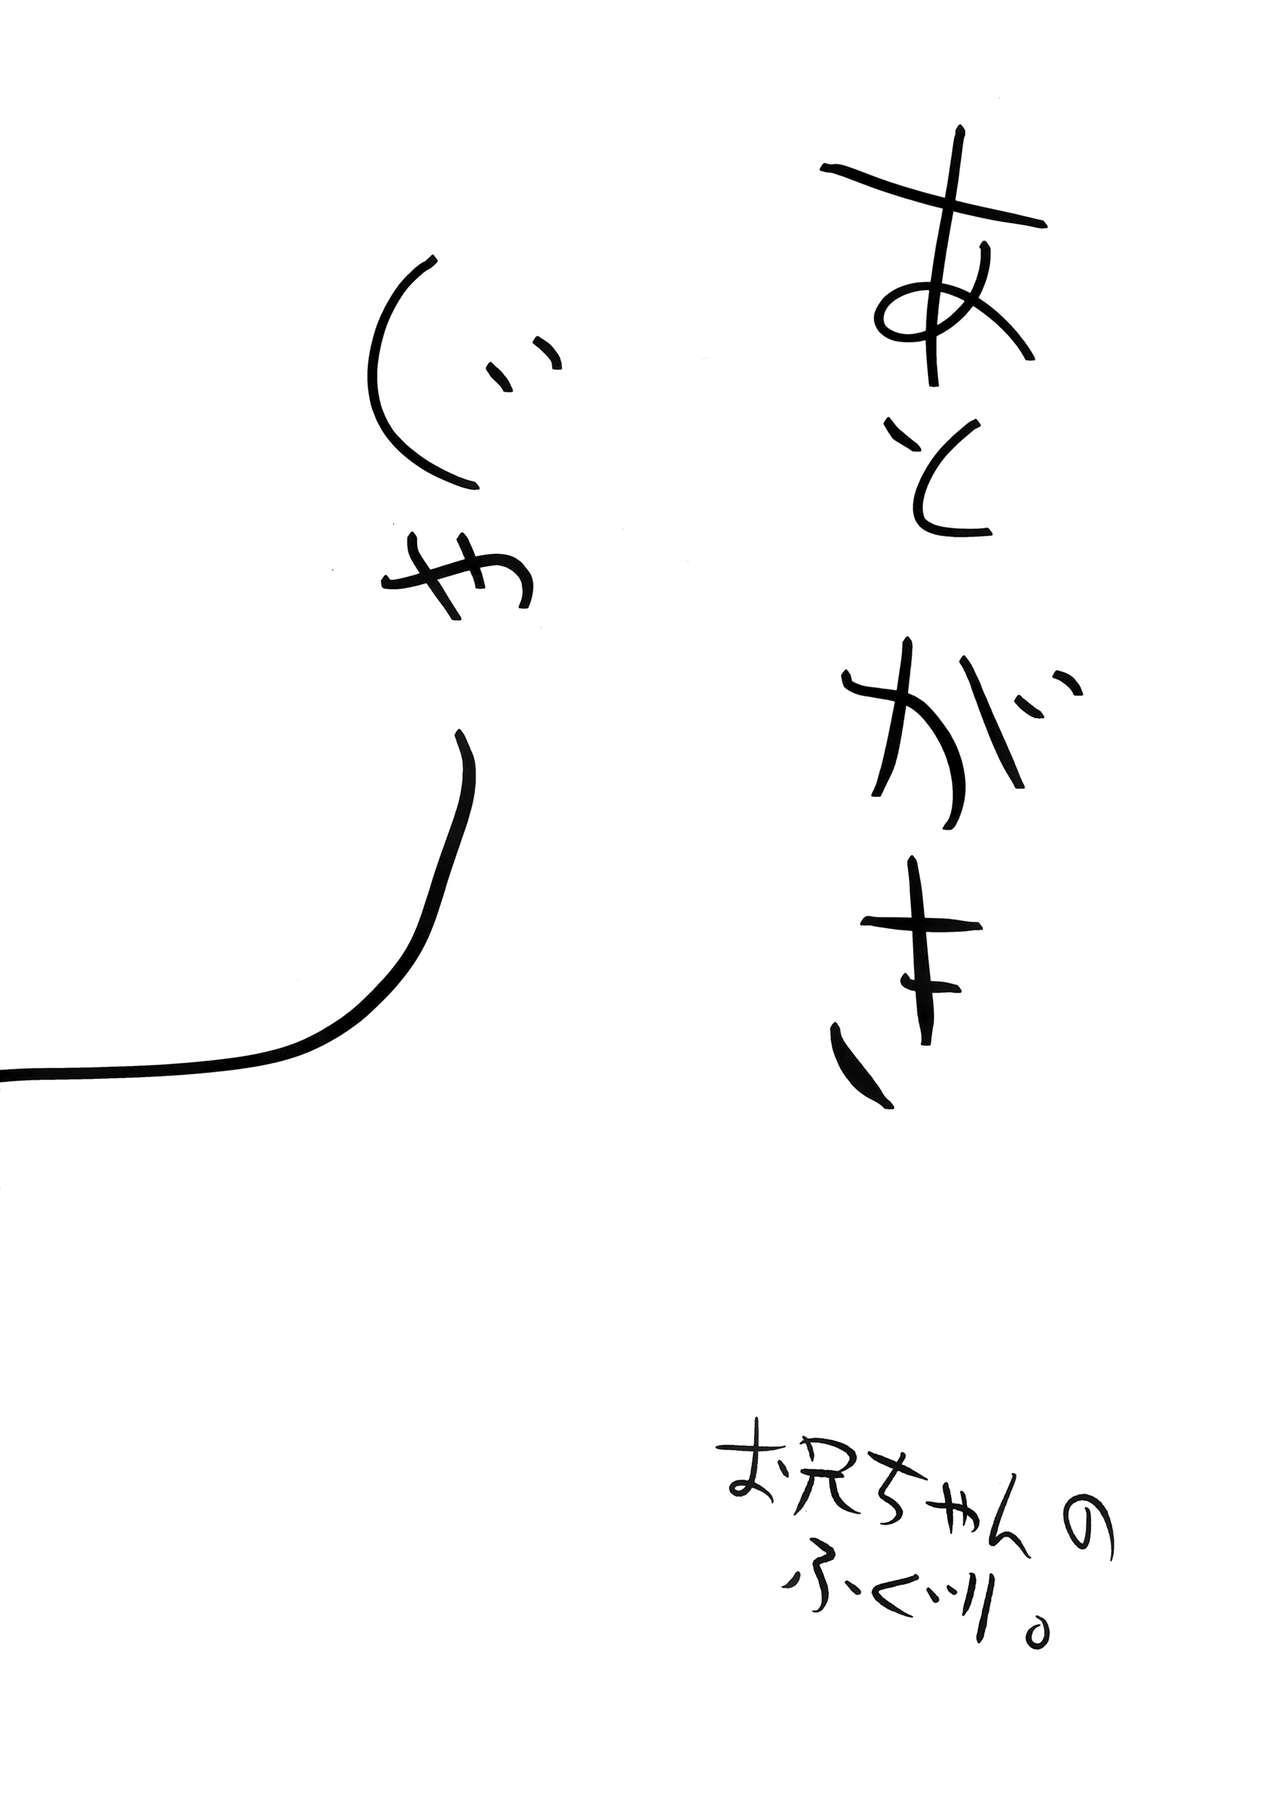 Nitamonodoosi4.5 LoveHo After Story 21